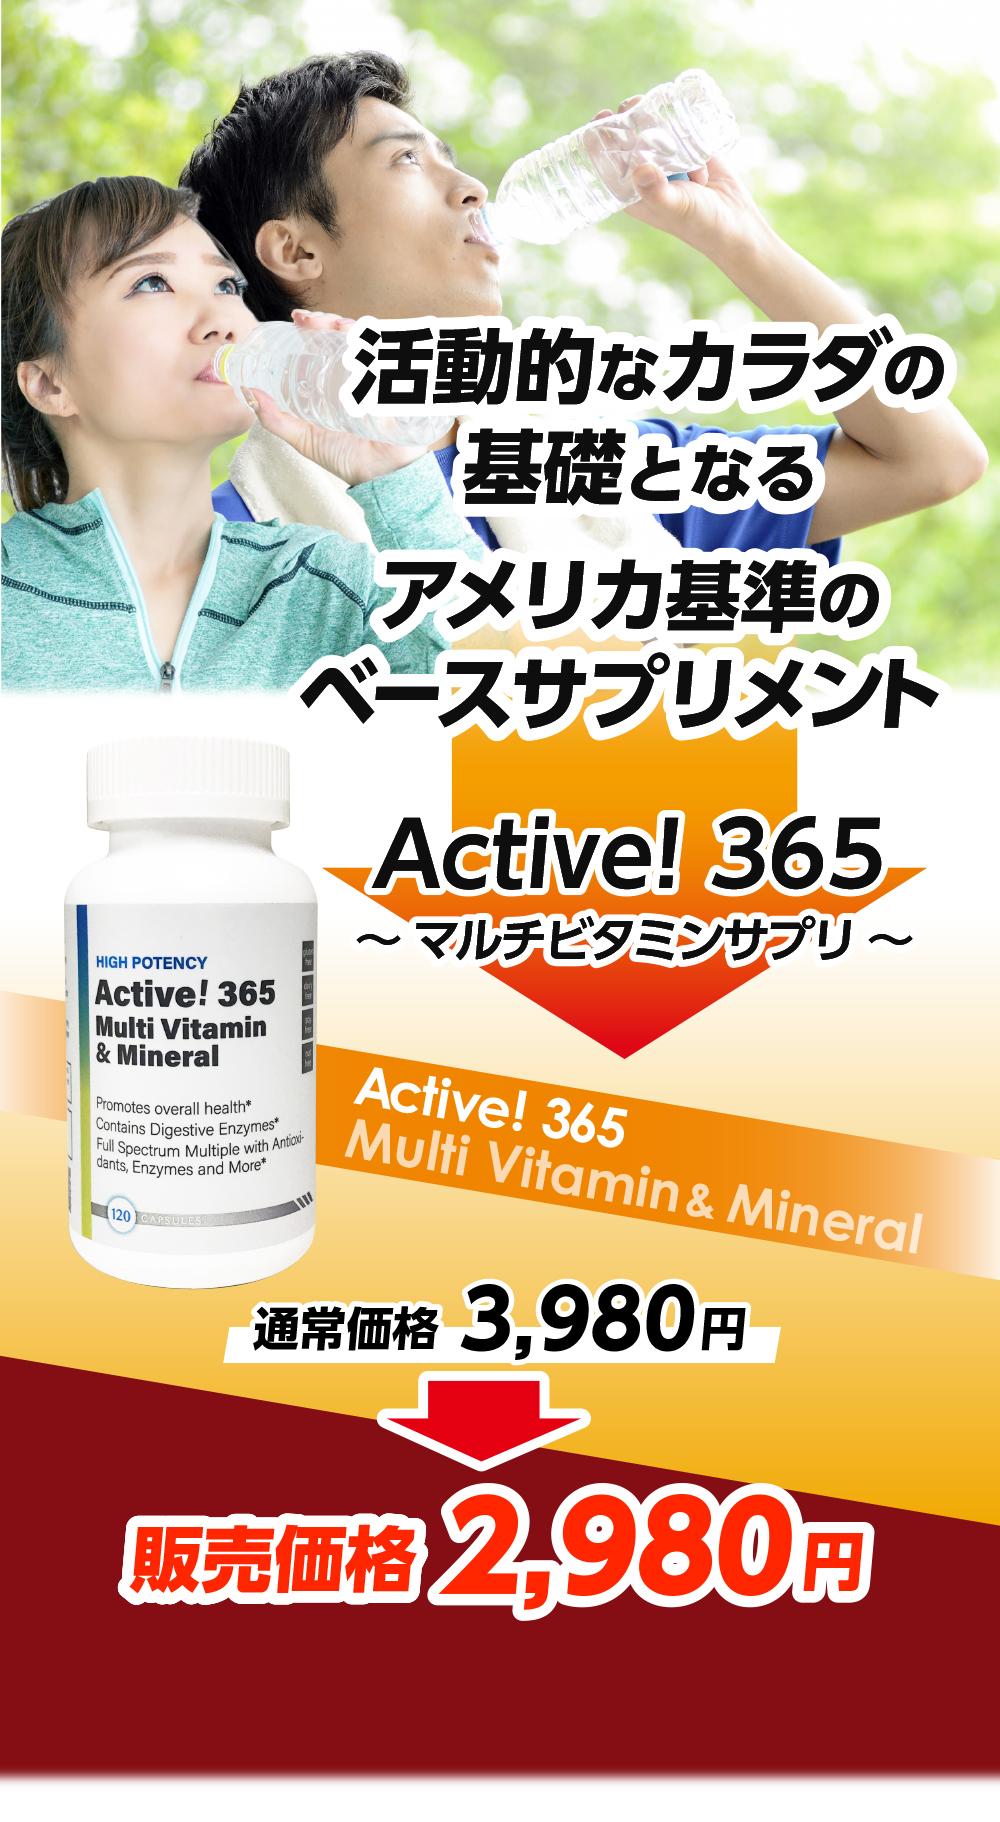 Active!365マルチビタミン&ミネラル